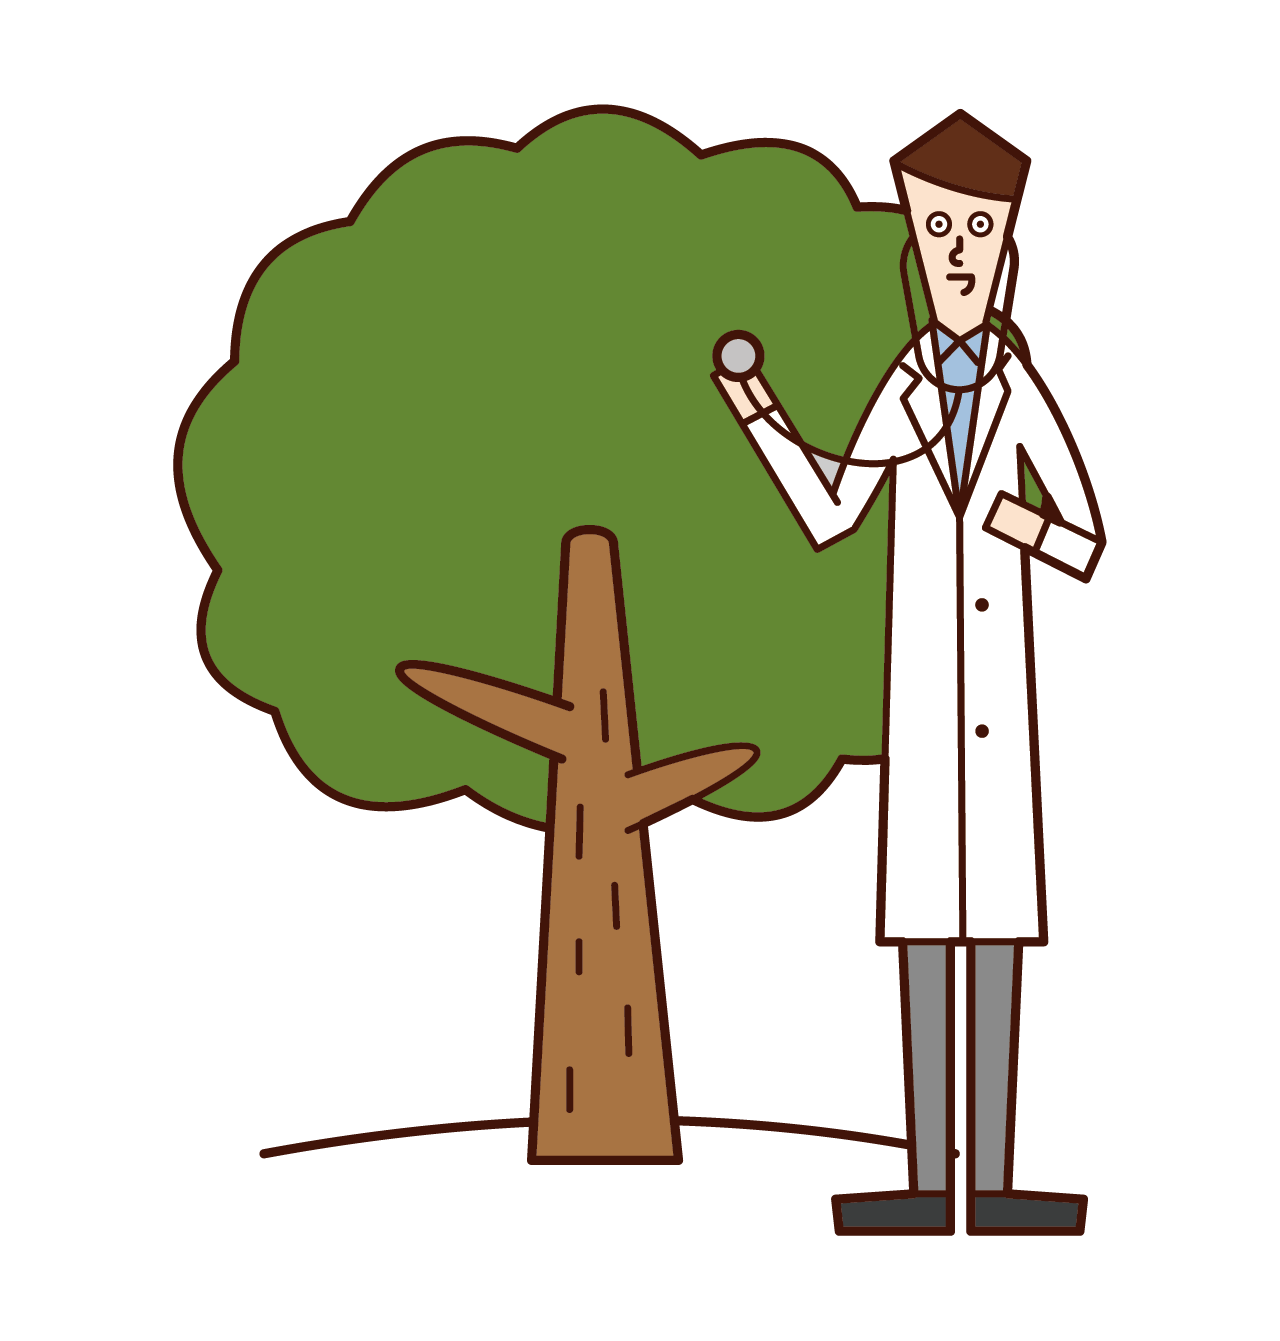 樹木医(男性)のイラスト